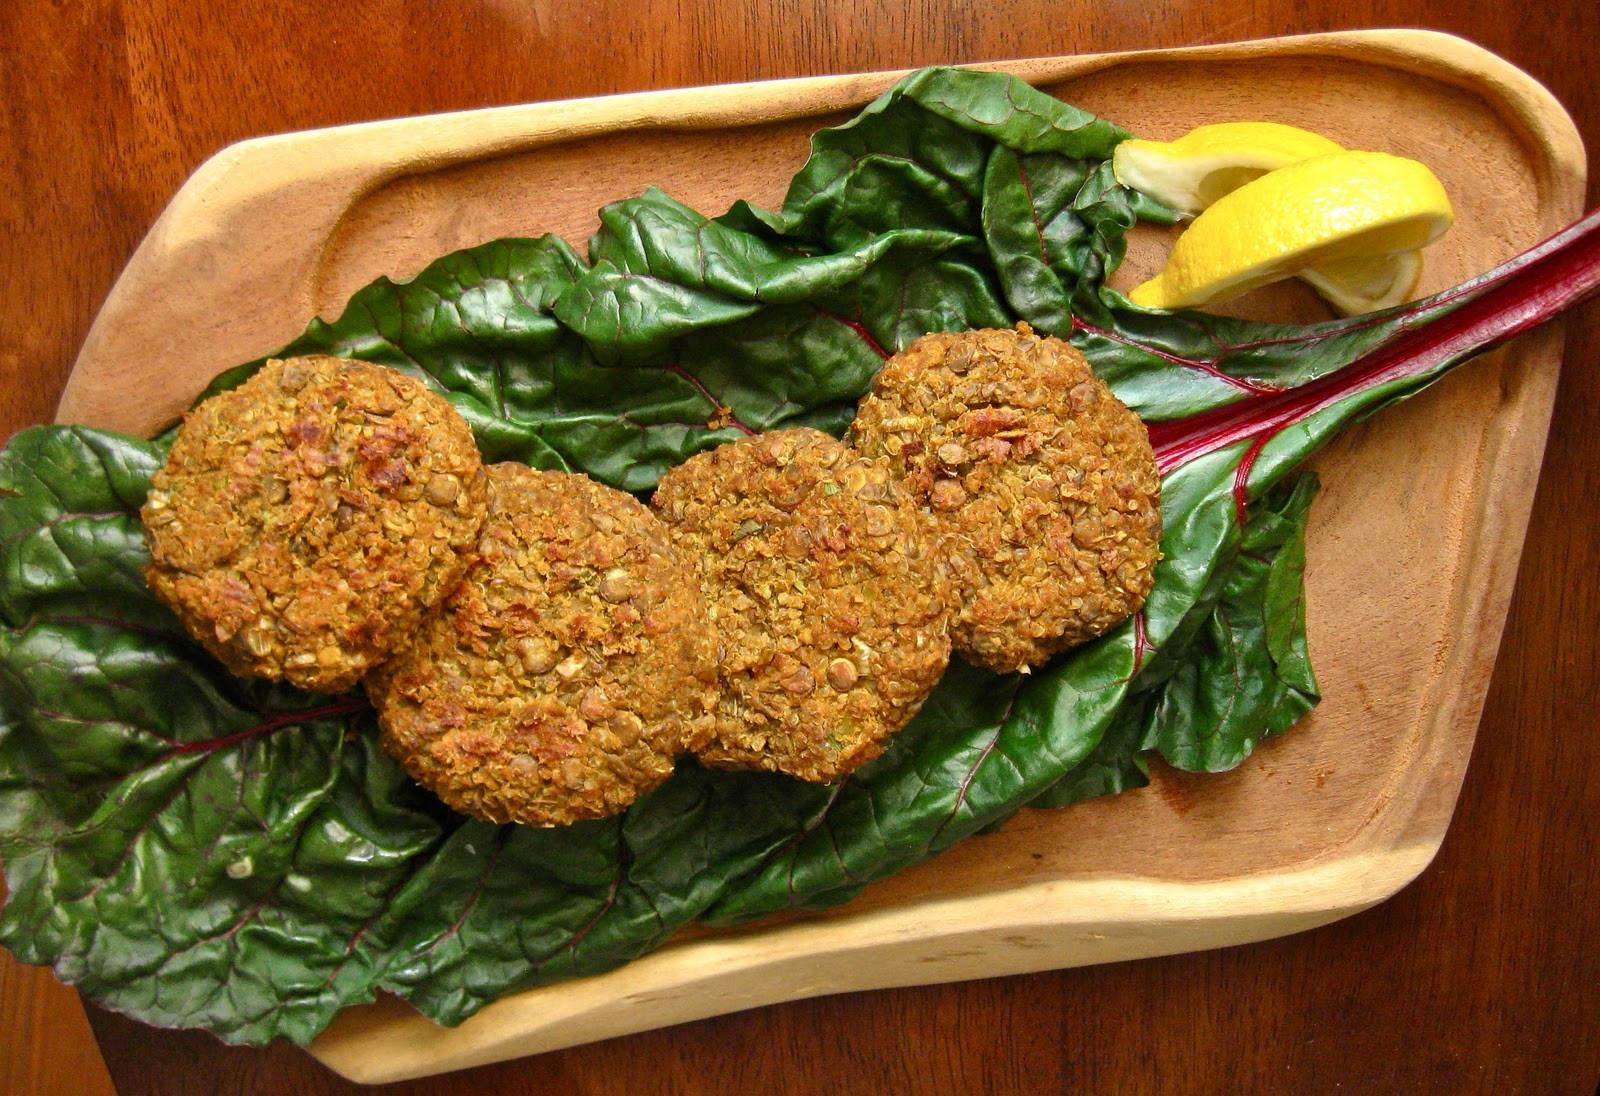 Vegan Squash Recipes  Gluten Free Quinoa & Butternut Squash Cakes Simply Quinoa